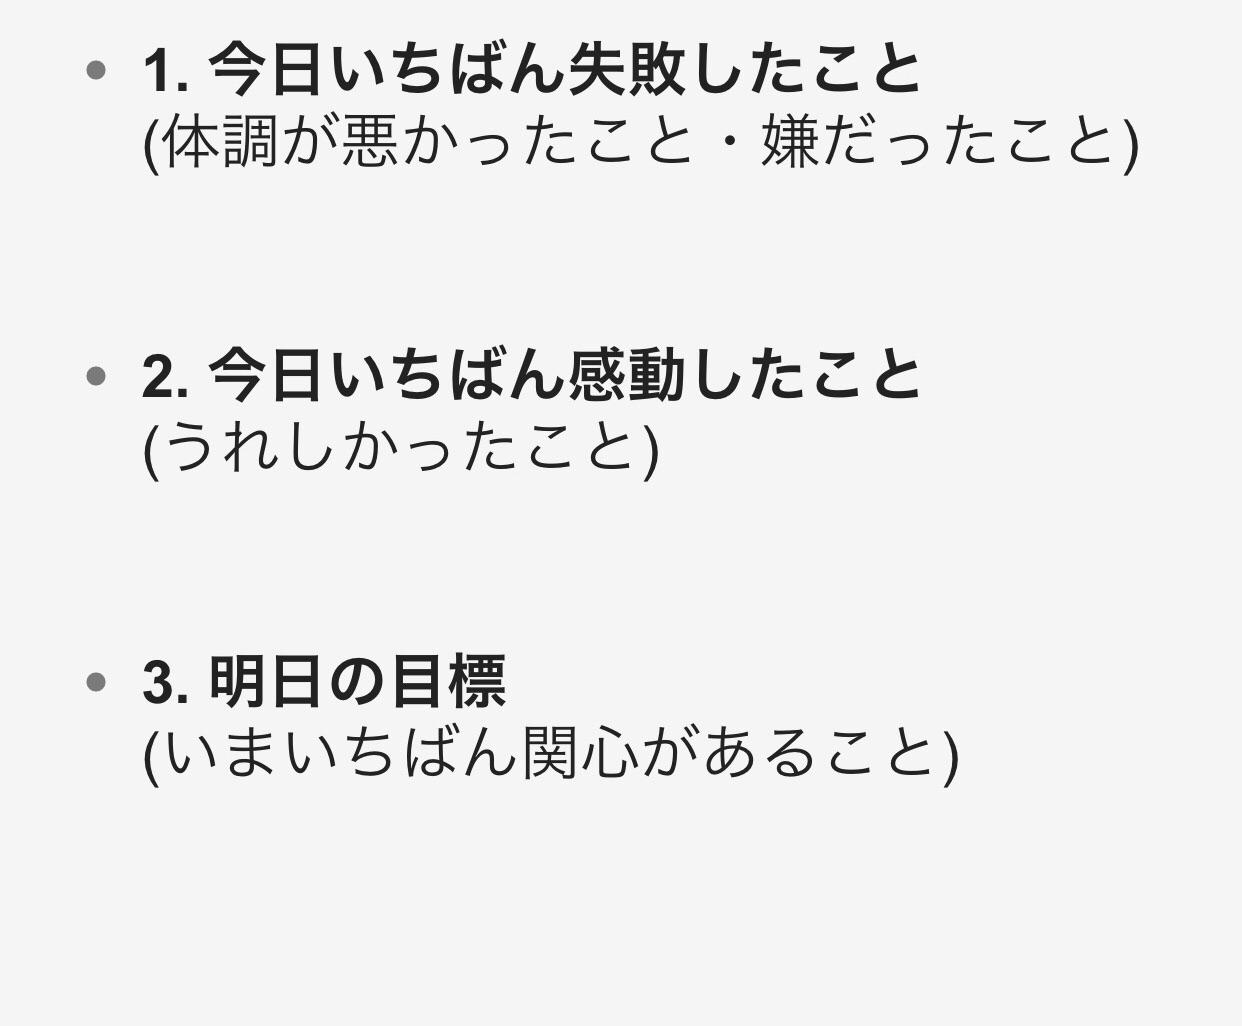 f:id:sorashima:20190614133958j:image:w311